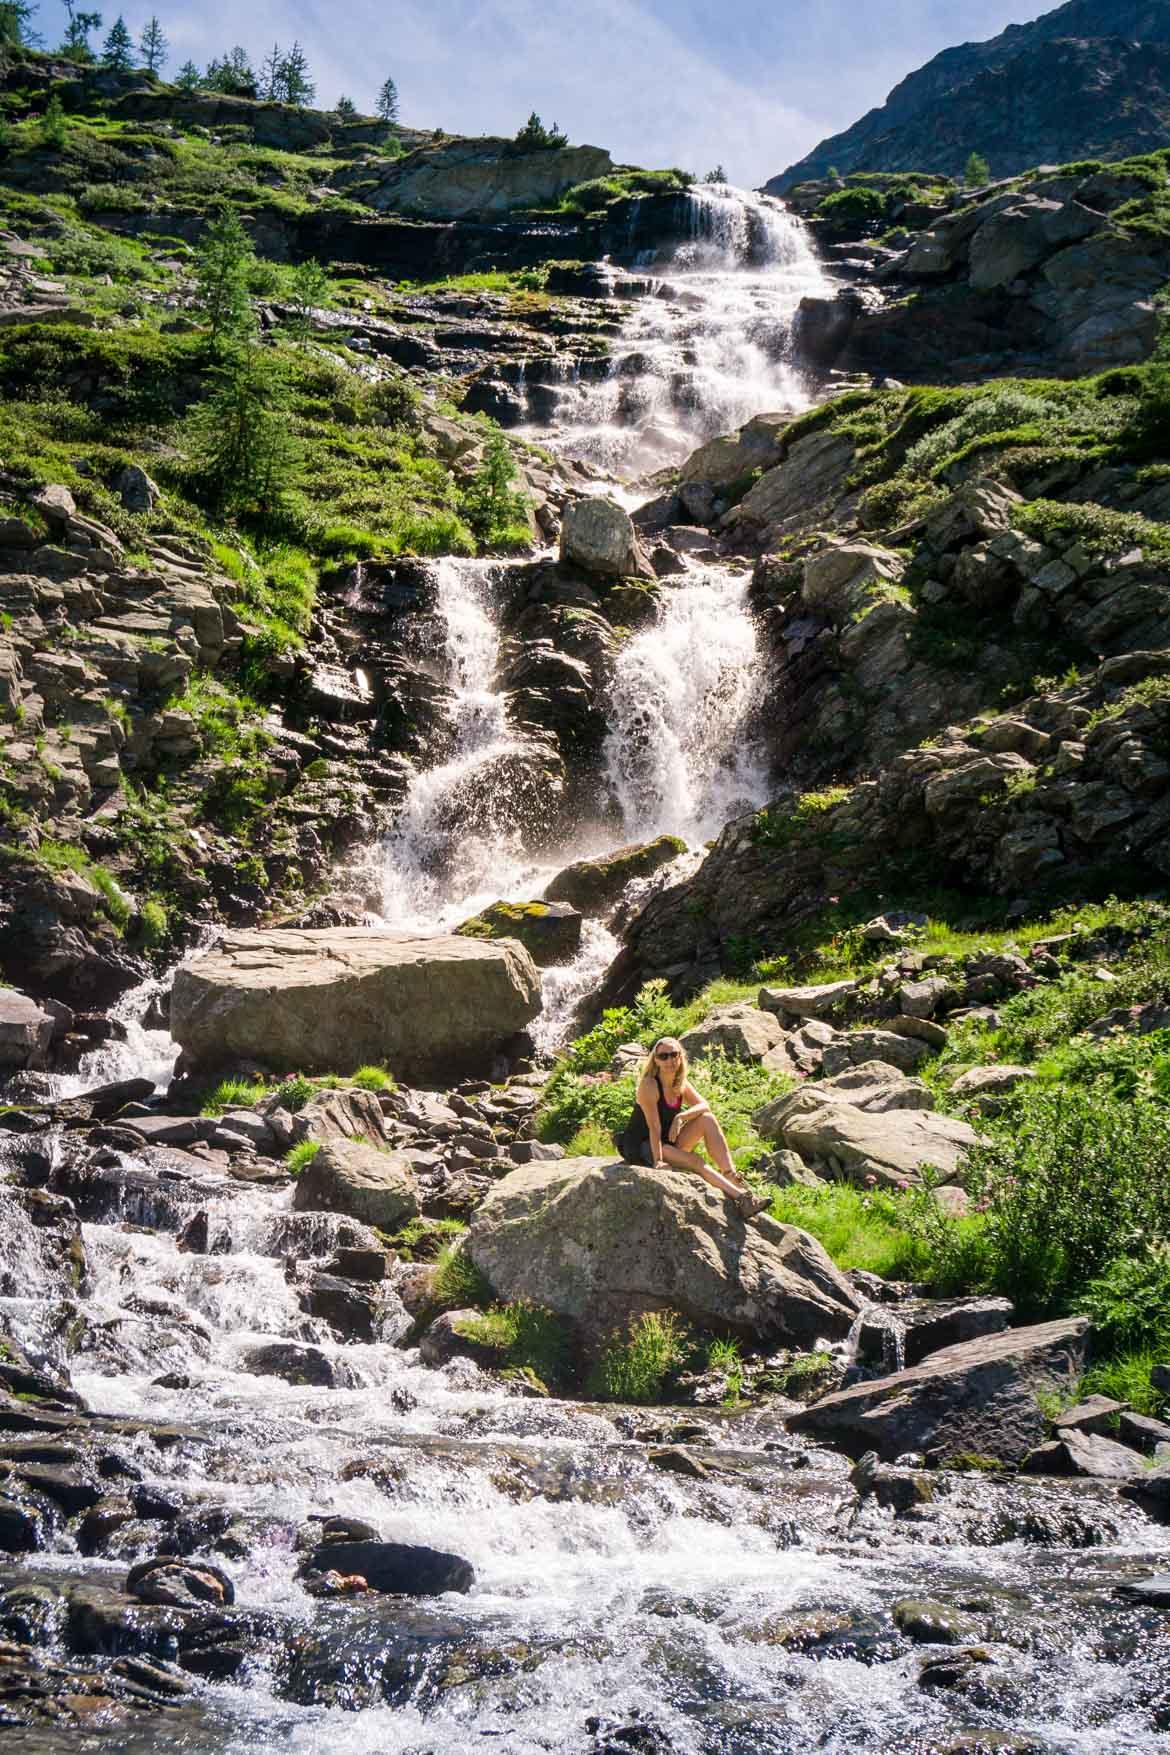 Valle Aosta Lago Arpy cascata - Monica Bruni - In Viaggio Con Monica